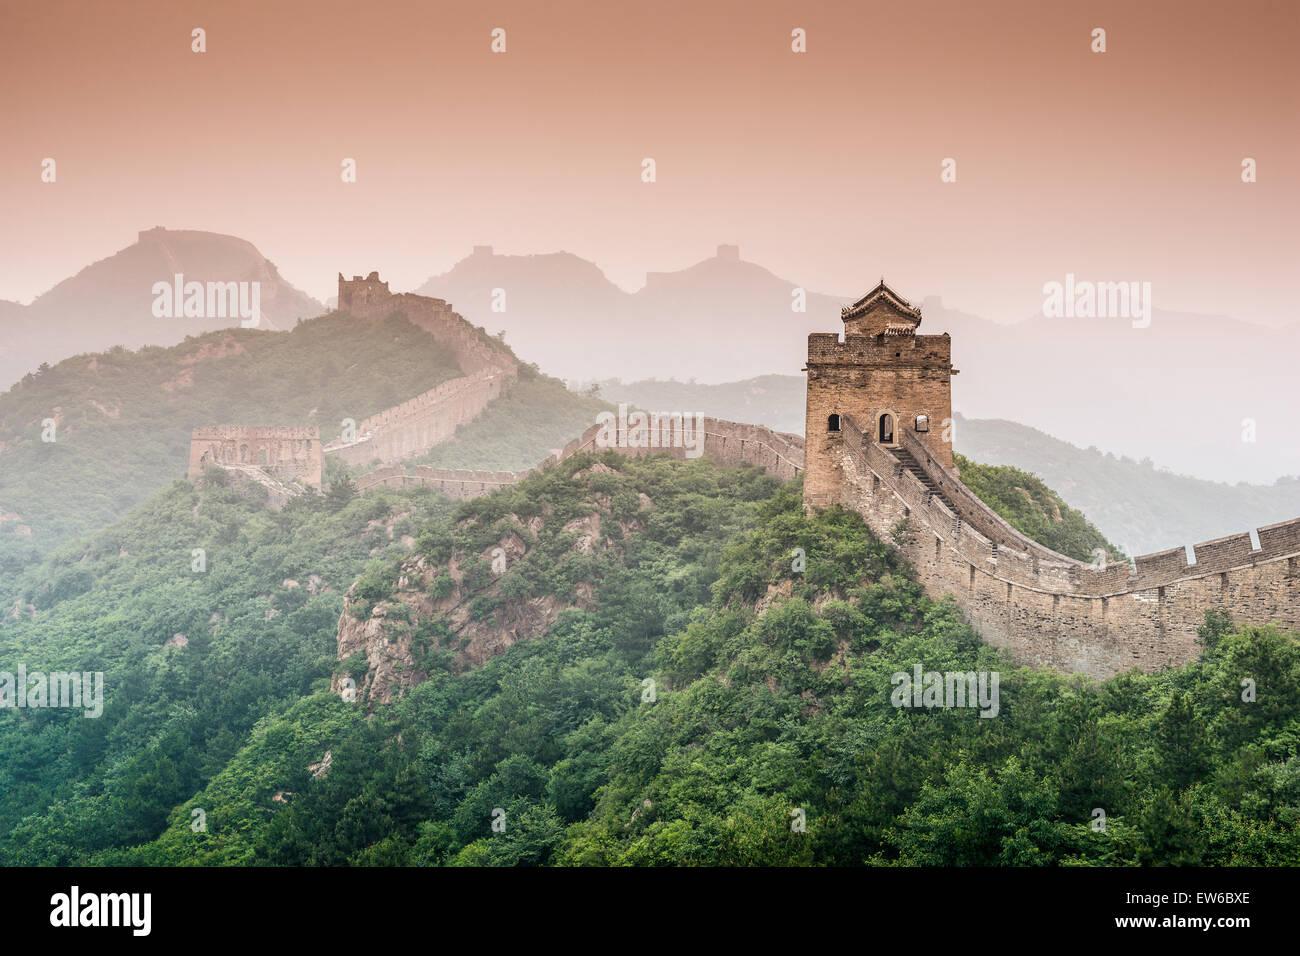 La Grande Muraglia della Cina presso la sezione Jinshanling. Immagini Stock